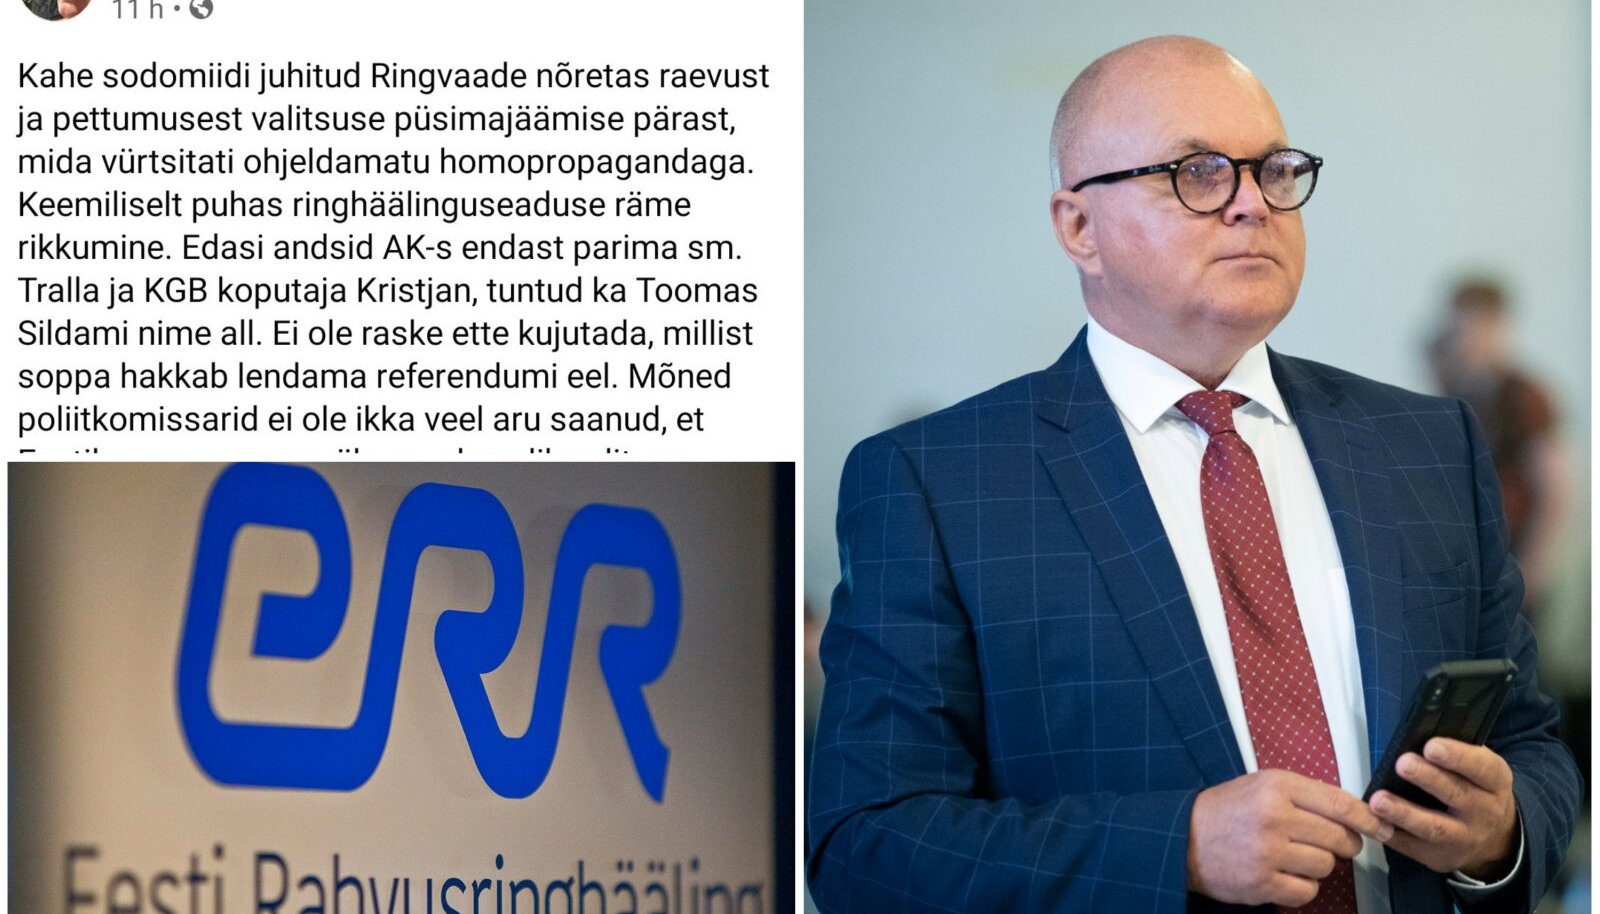 Urmas Reitelmann ja tema postitus.